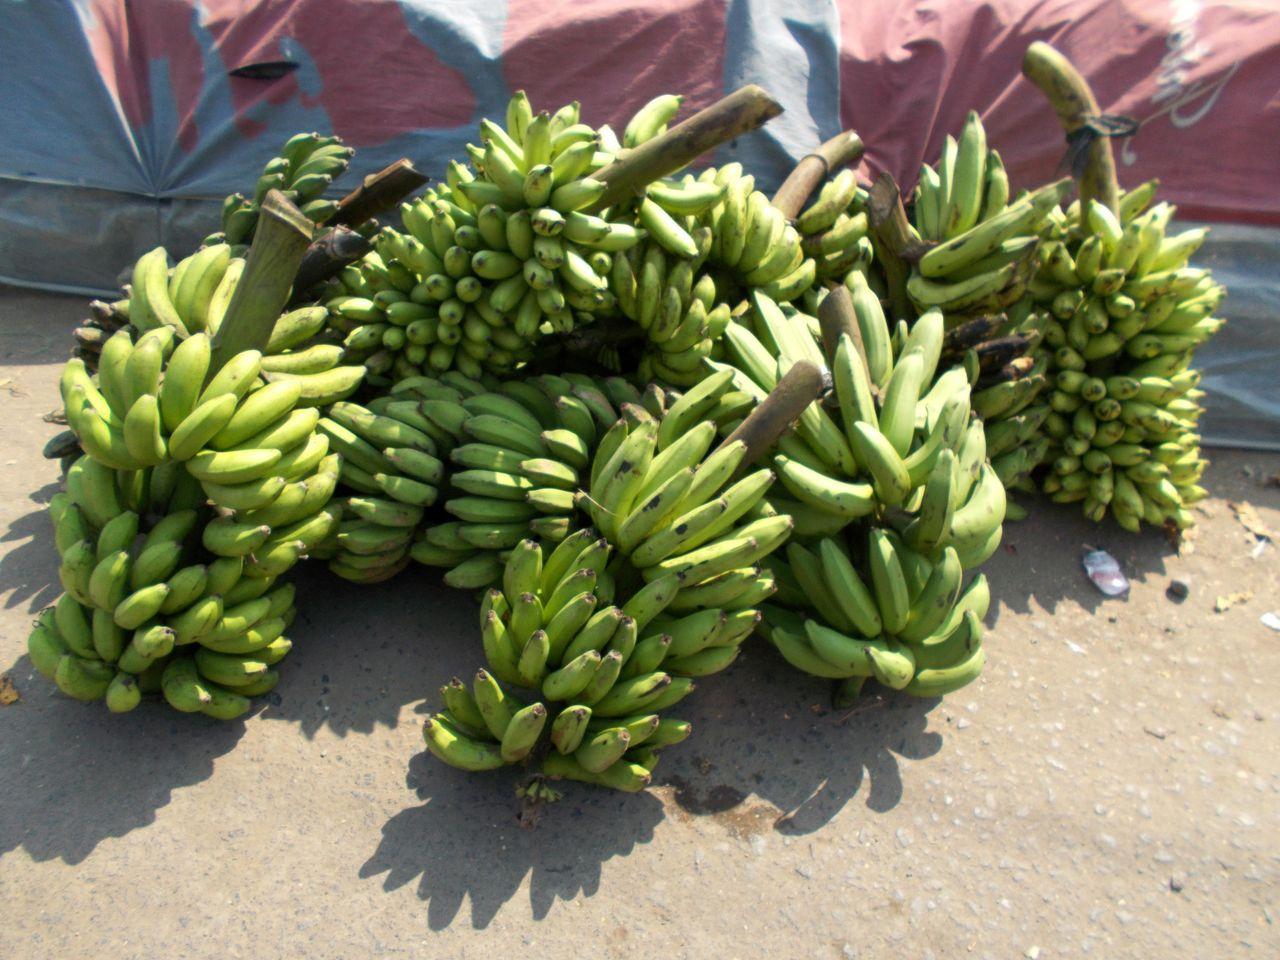 Fruktad banansjukdom hittad i Sydamerika